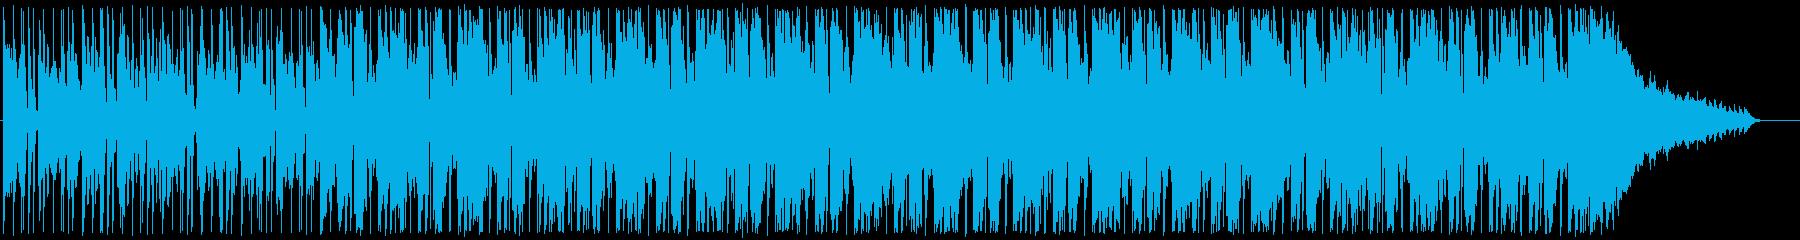 心落ち着くゆったりなメロディーの再生済みの波形